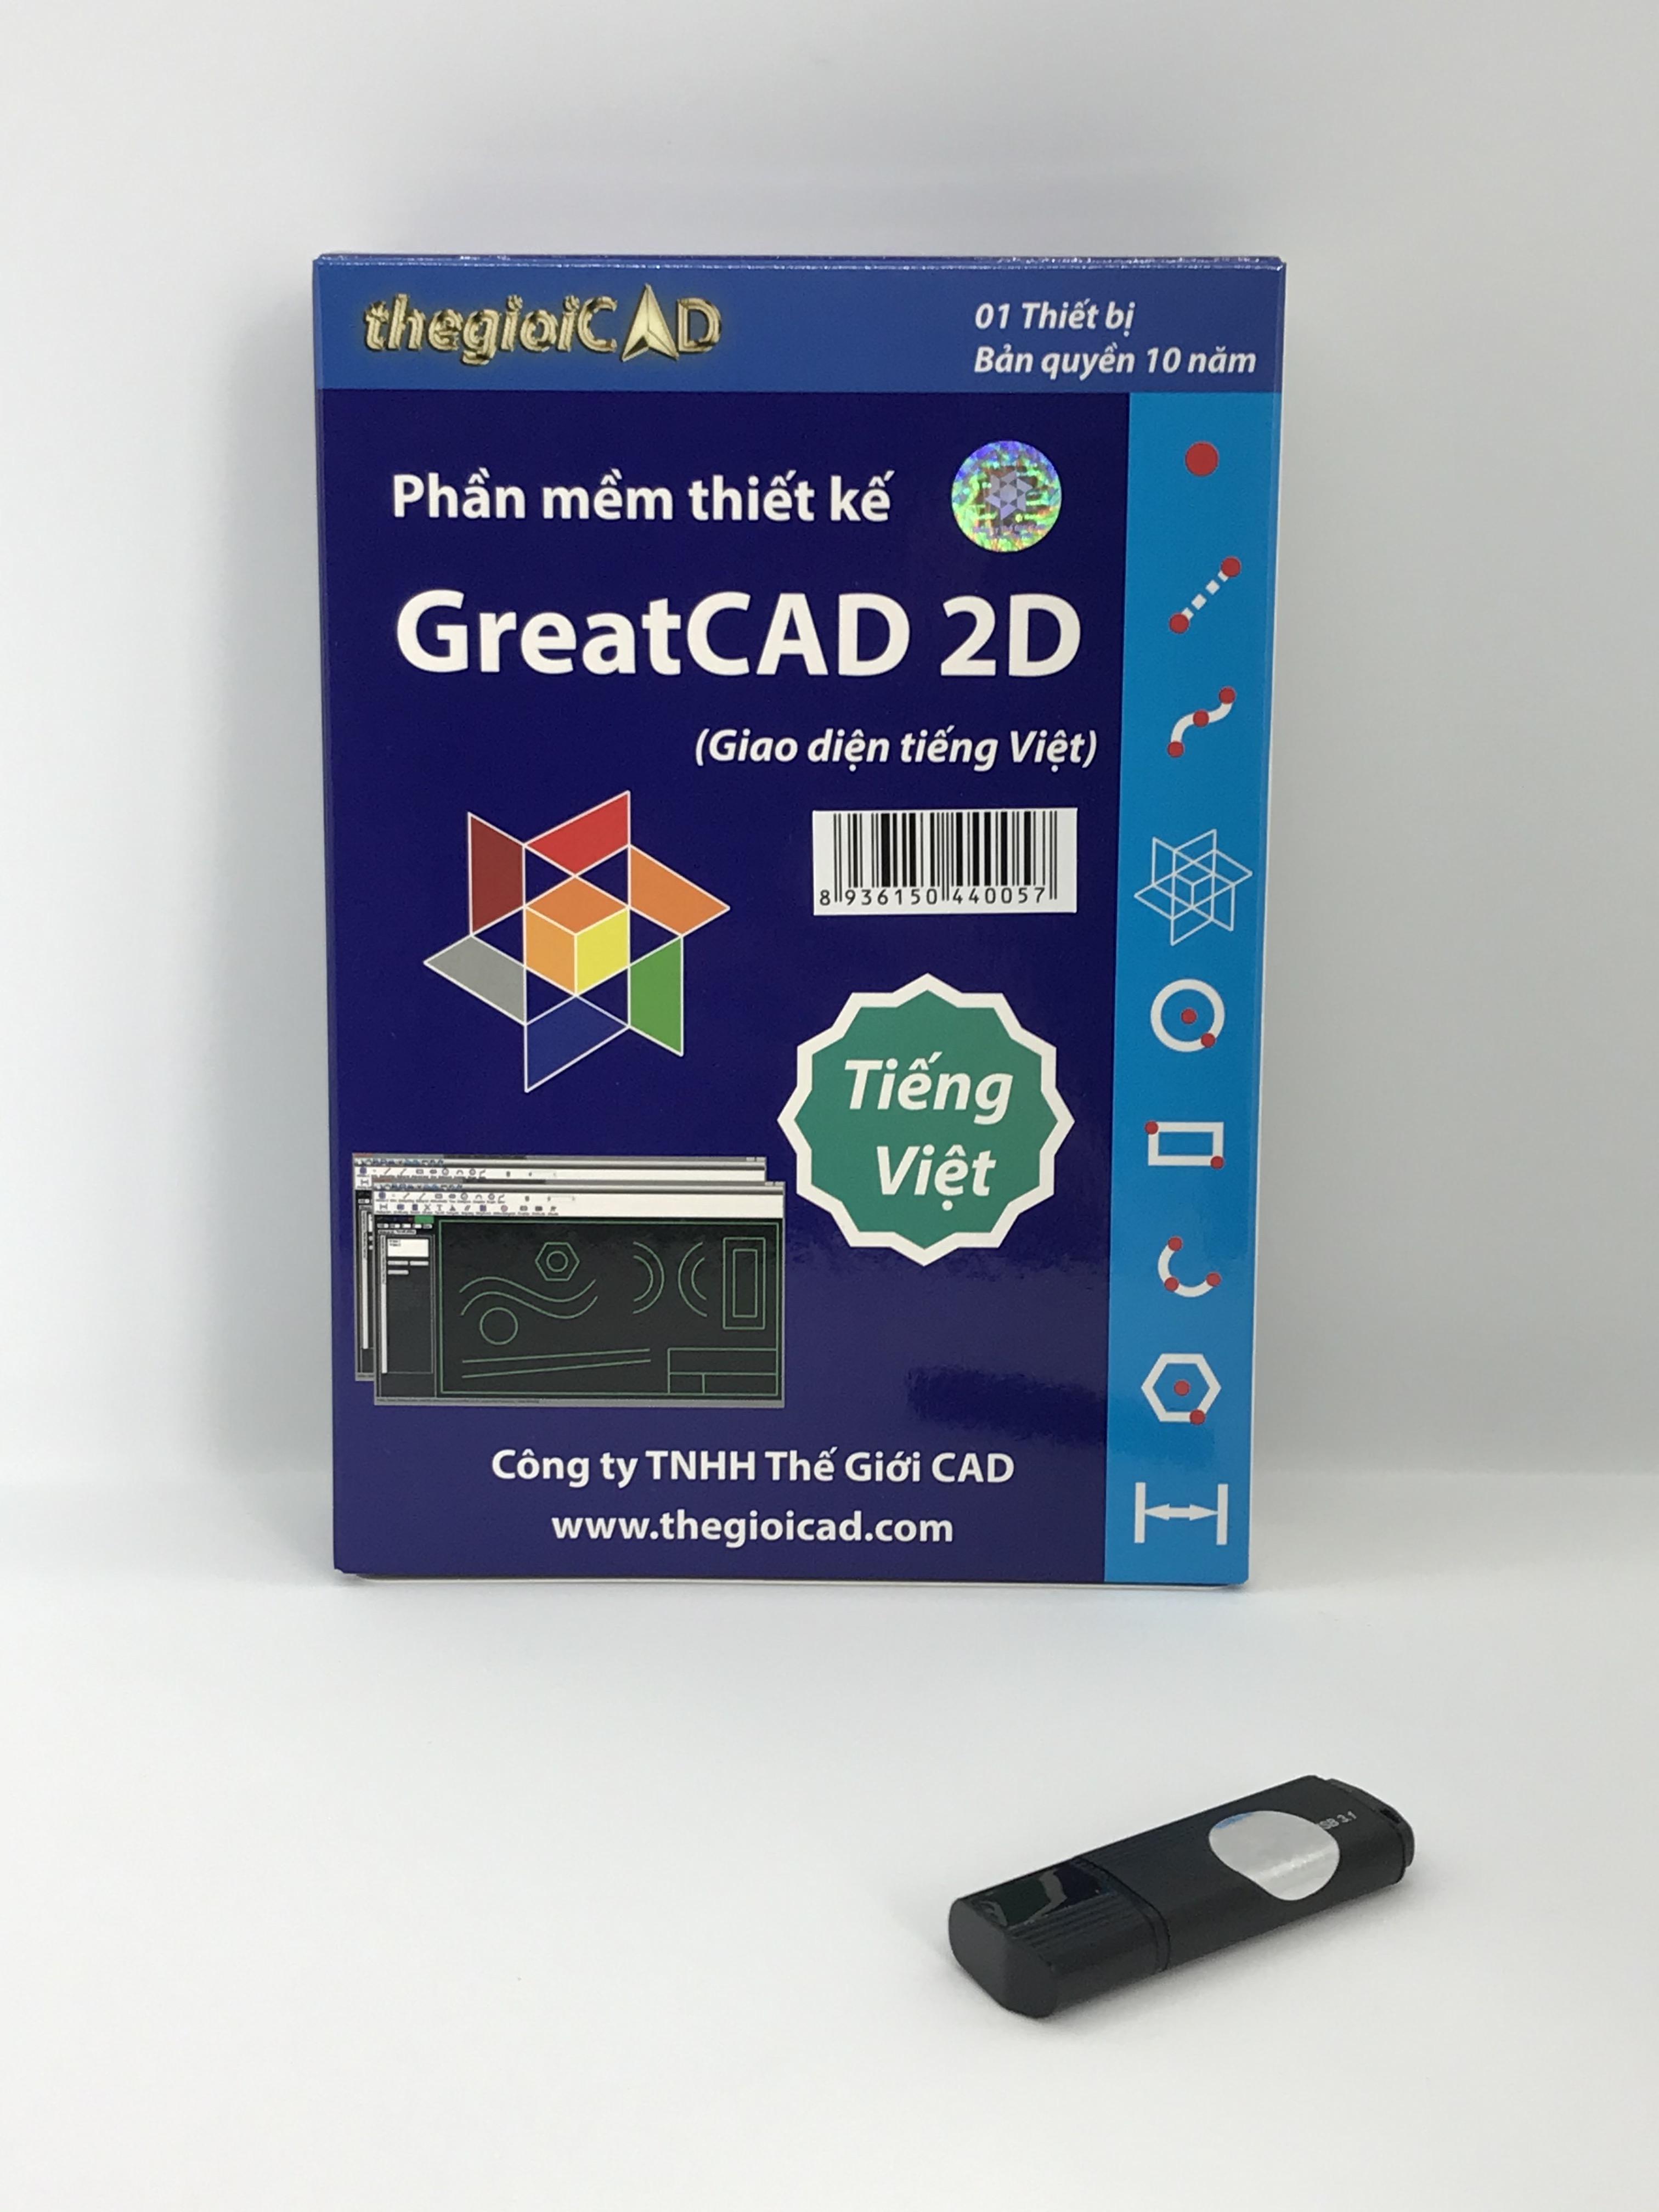 Phần mềm thiết kế GreatCAD 2D phiên bản tiêu chuẩn – Giao diện tiếng Việt (USB/2020) - Hàng chính hãng